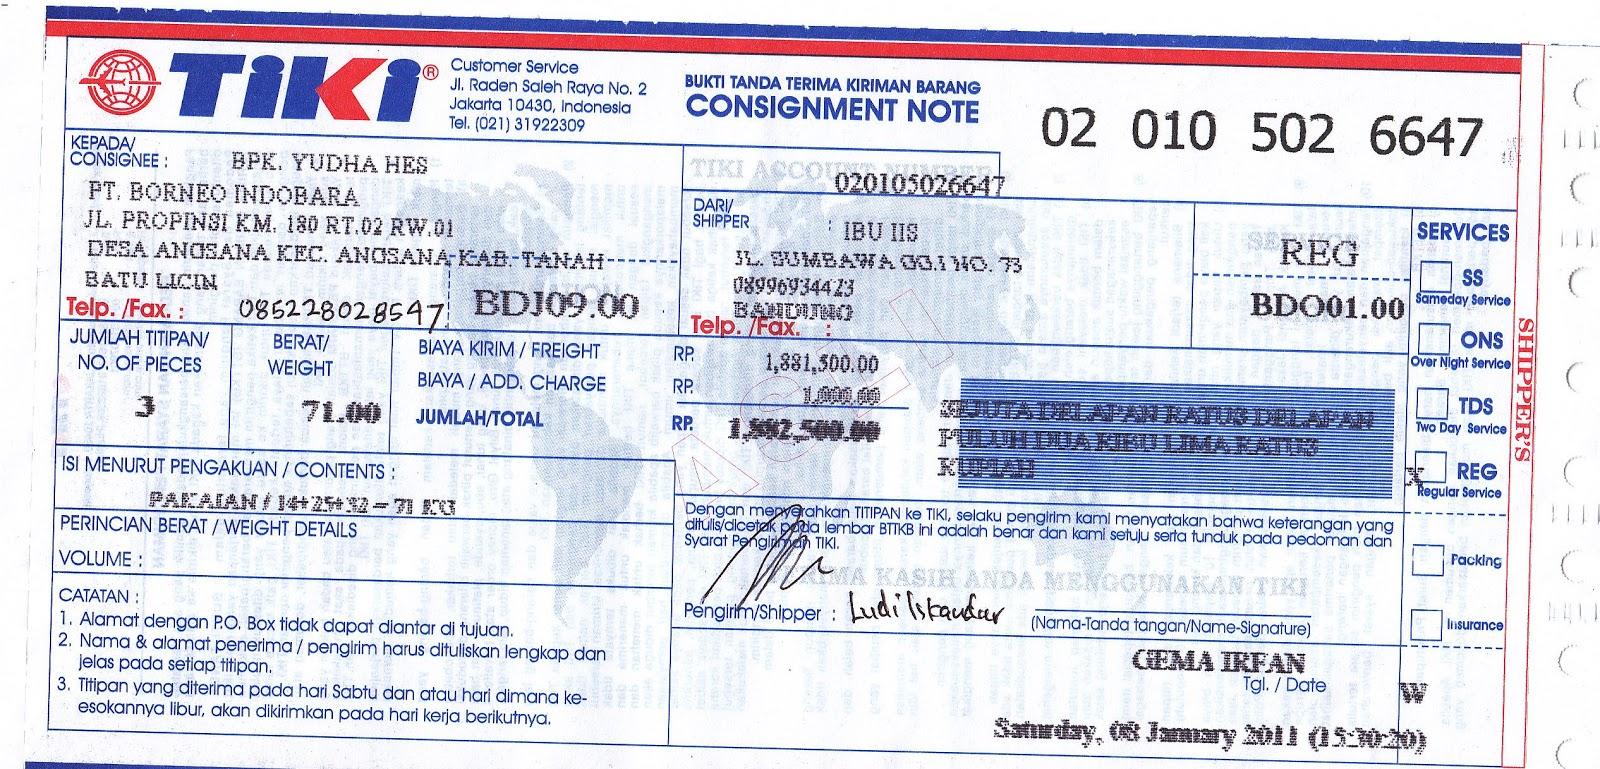 Contoh Bukti Pengiriman Uang Oleh Konsumen Melalui Wesel Pos